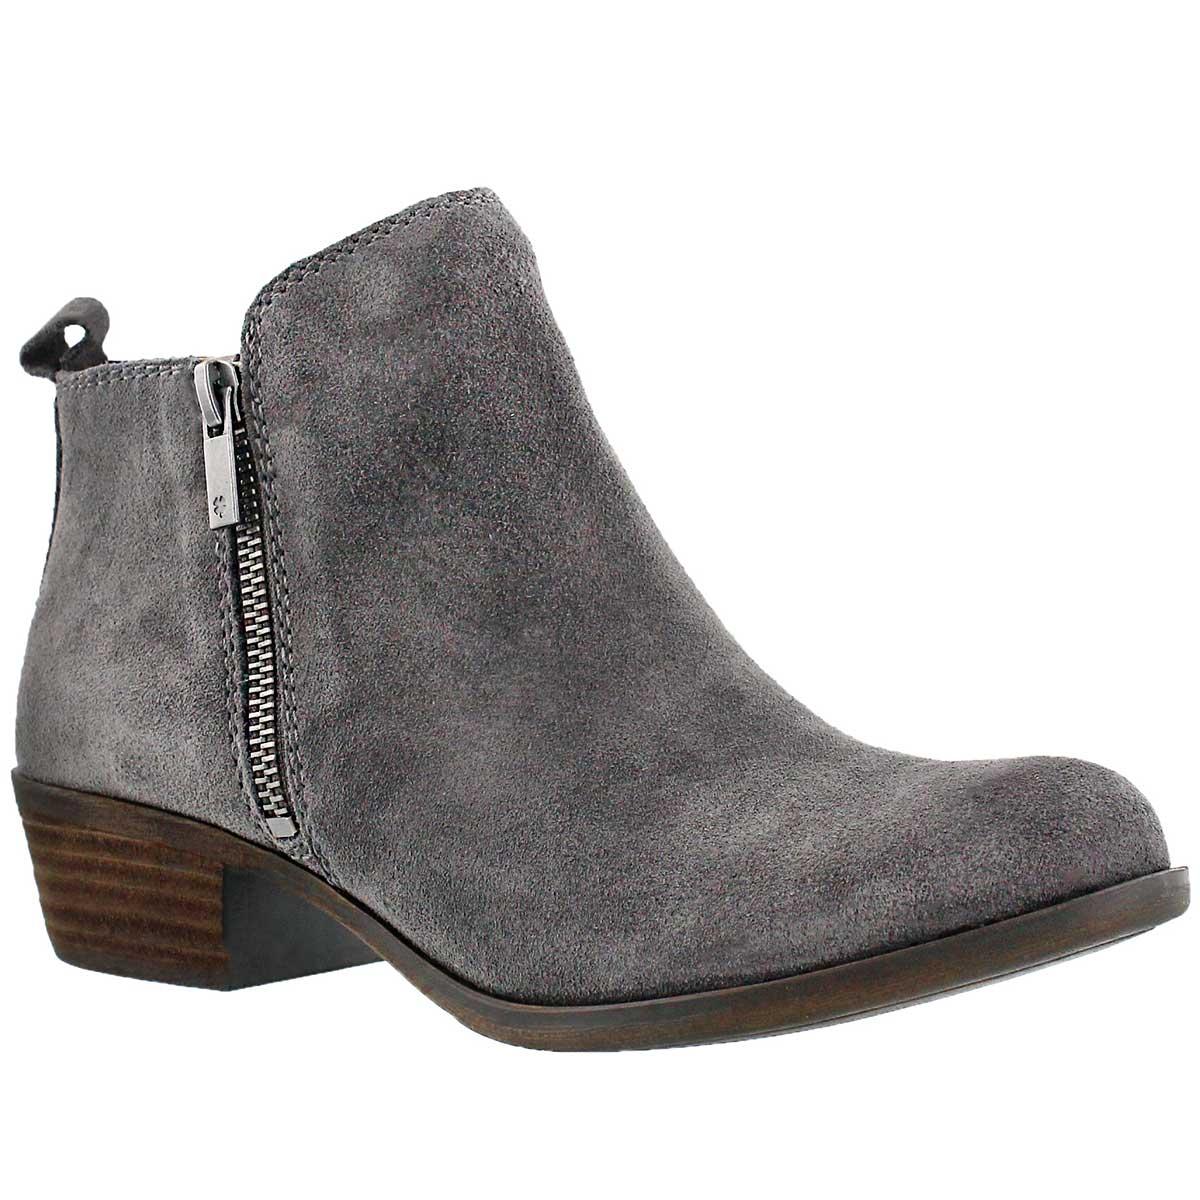 Women's BASEL storm zip up casual booties